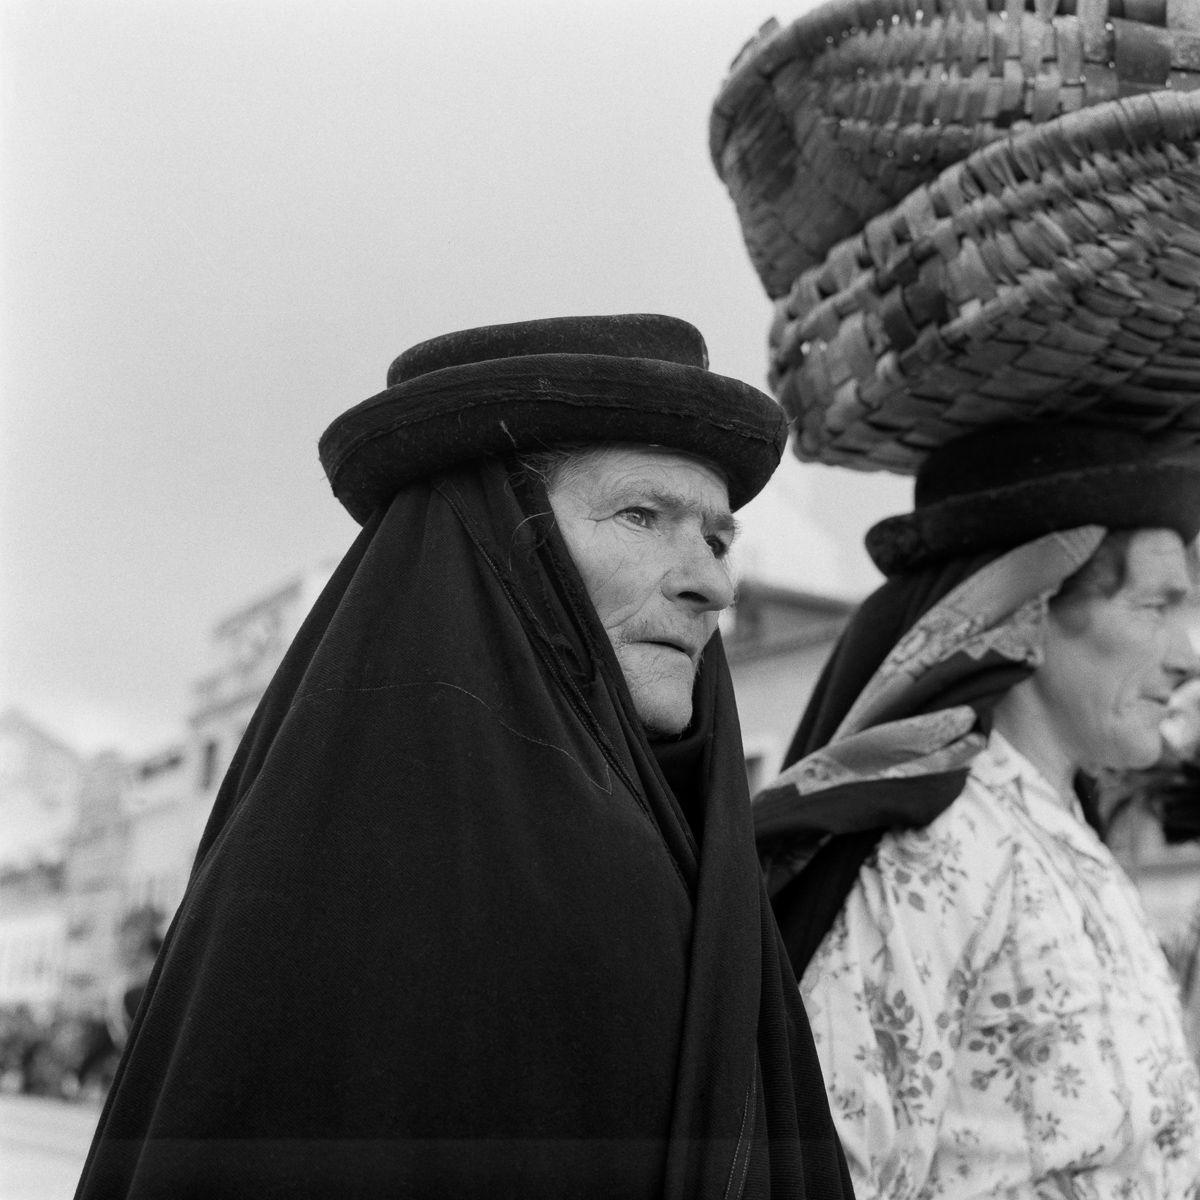 Fotografias deslumbrantes capturam a cultura da pesca dos anos 50 em Portugal 17